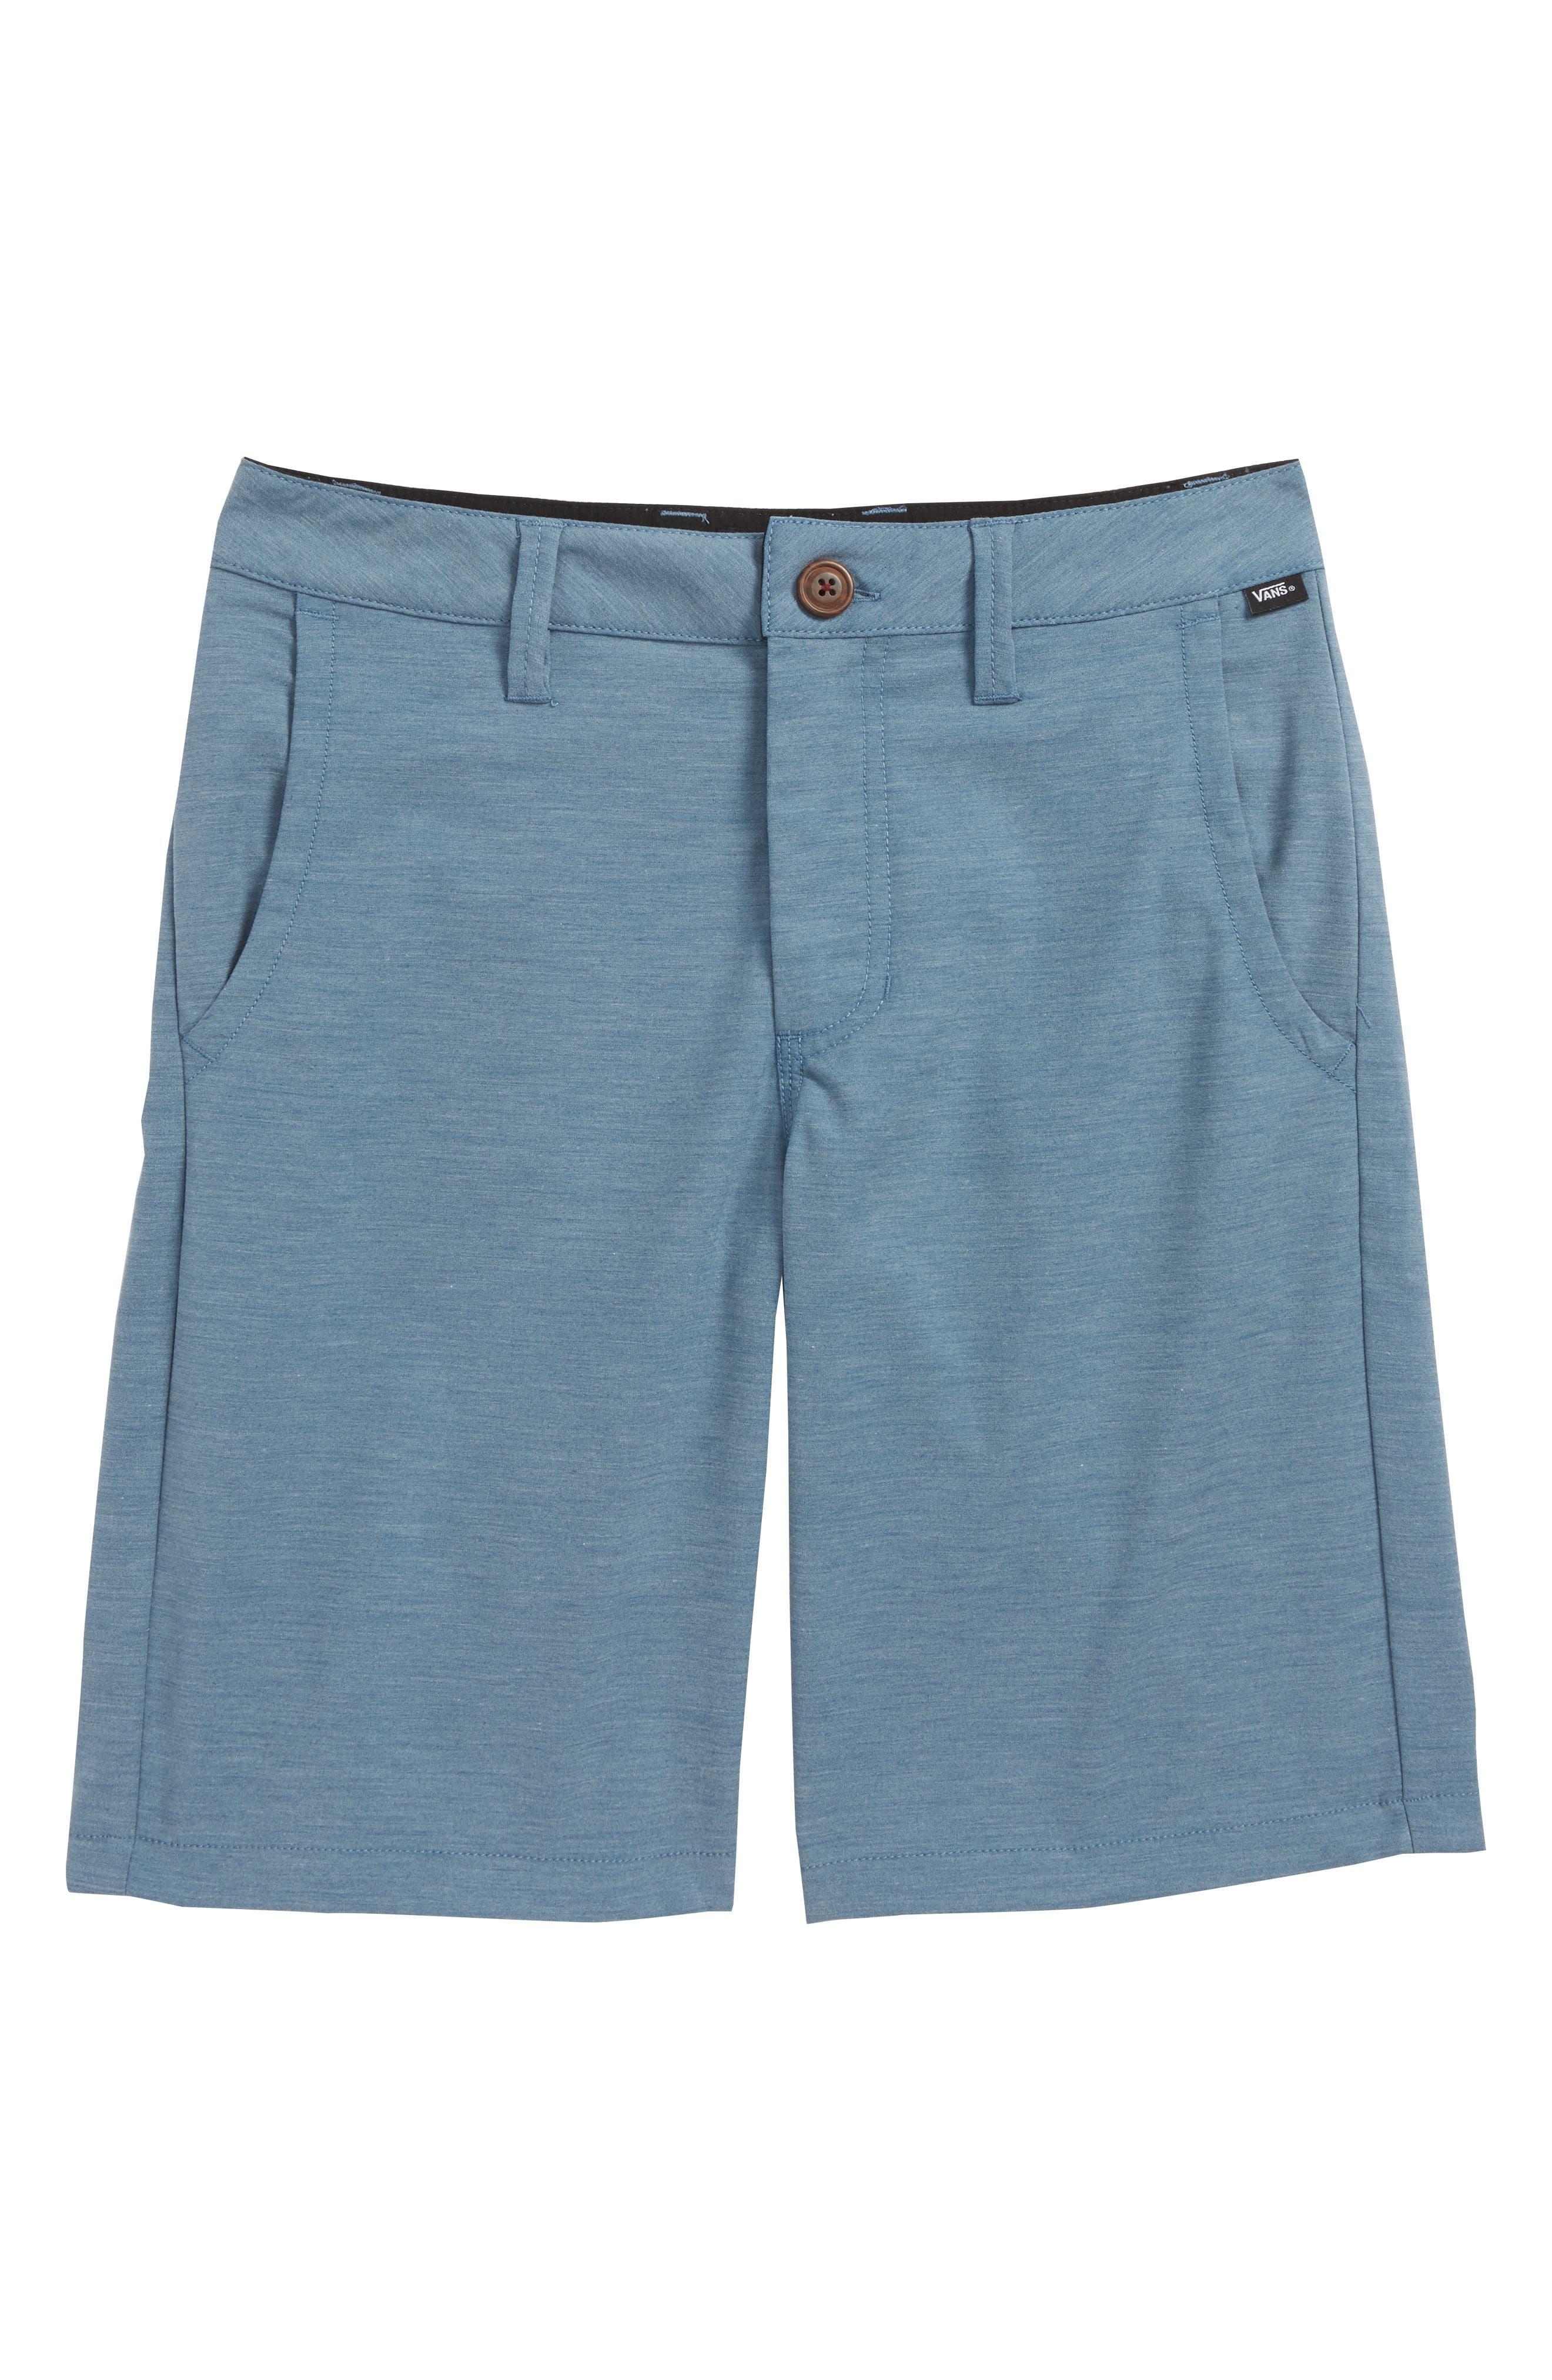 Authentic Decksider Hybrid Shorts,                             Main thumbnail 1, color,                             Copen Blue